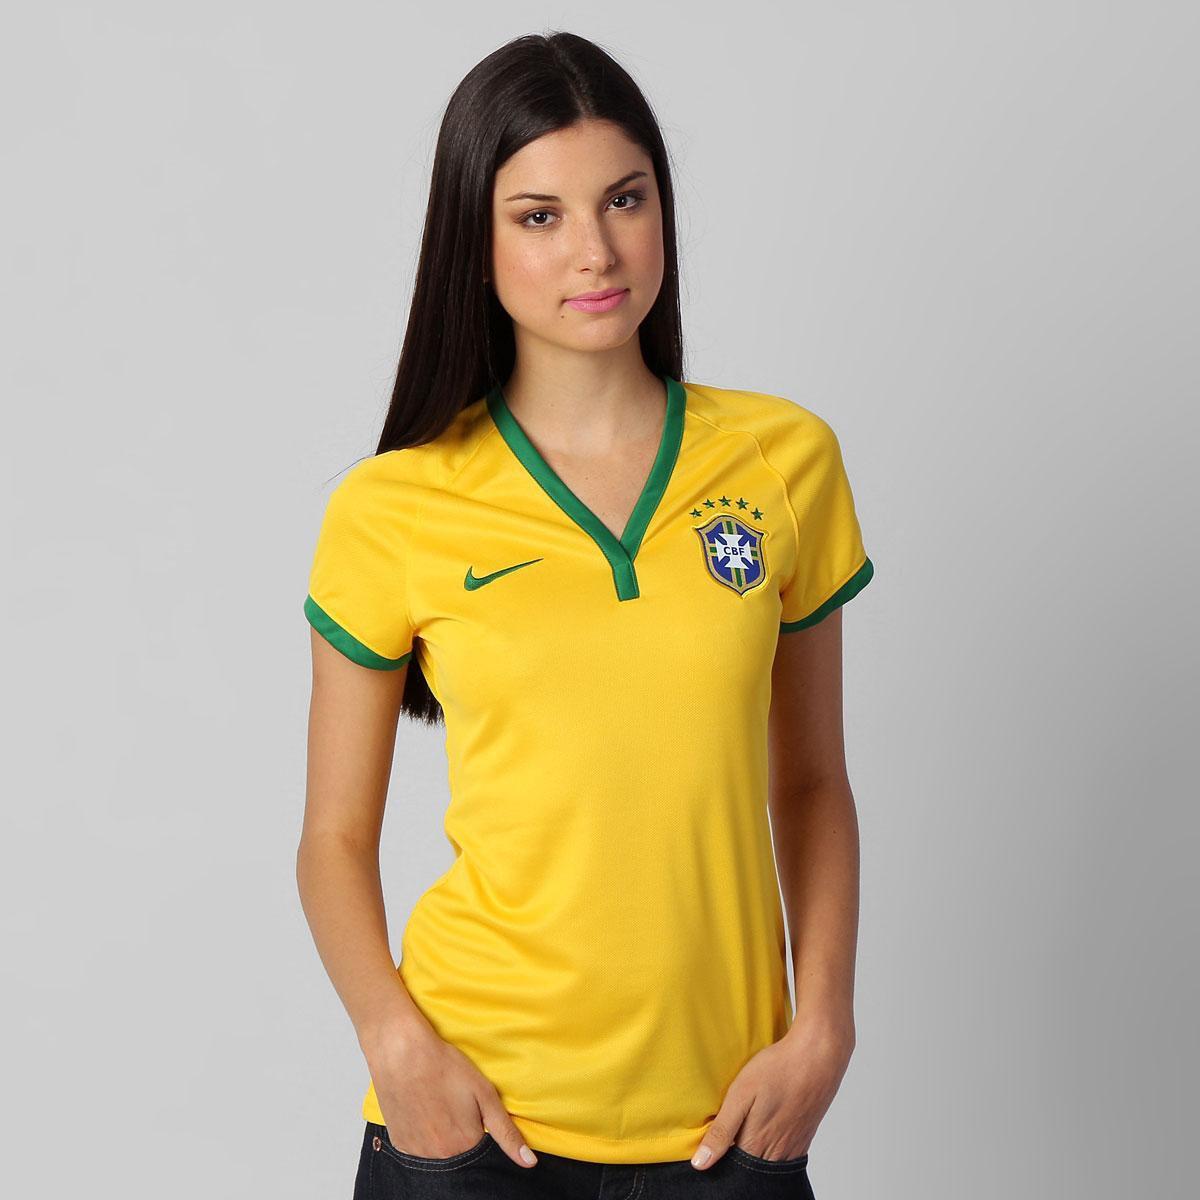 83a02112e Camisa Feminina Nike Seleção Brasil I 2014 s nº - Compre Agora ...